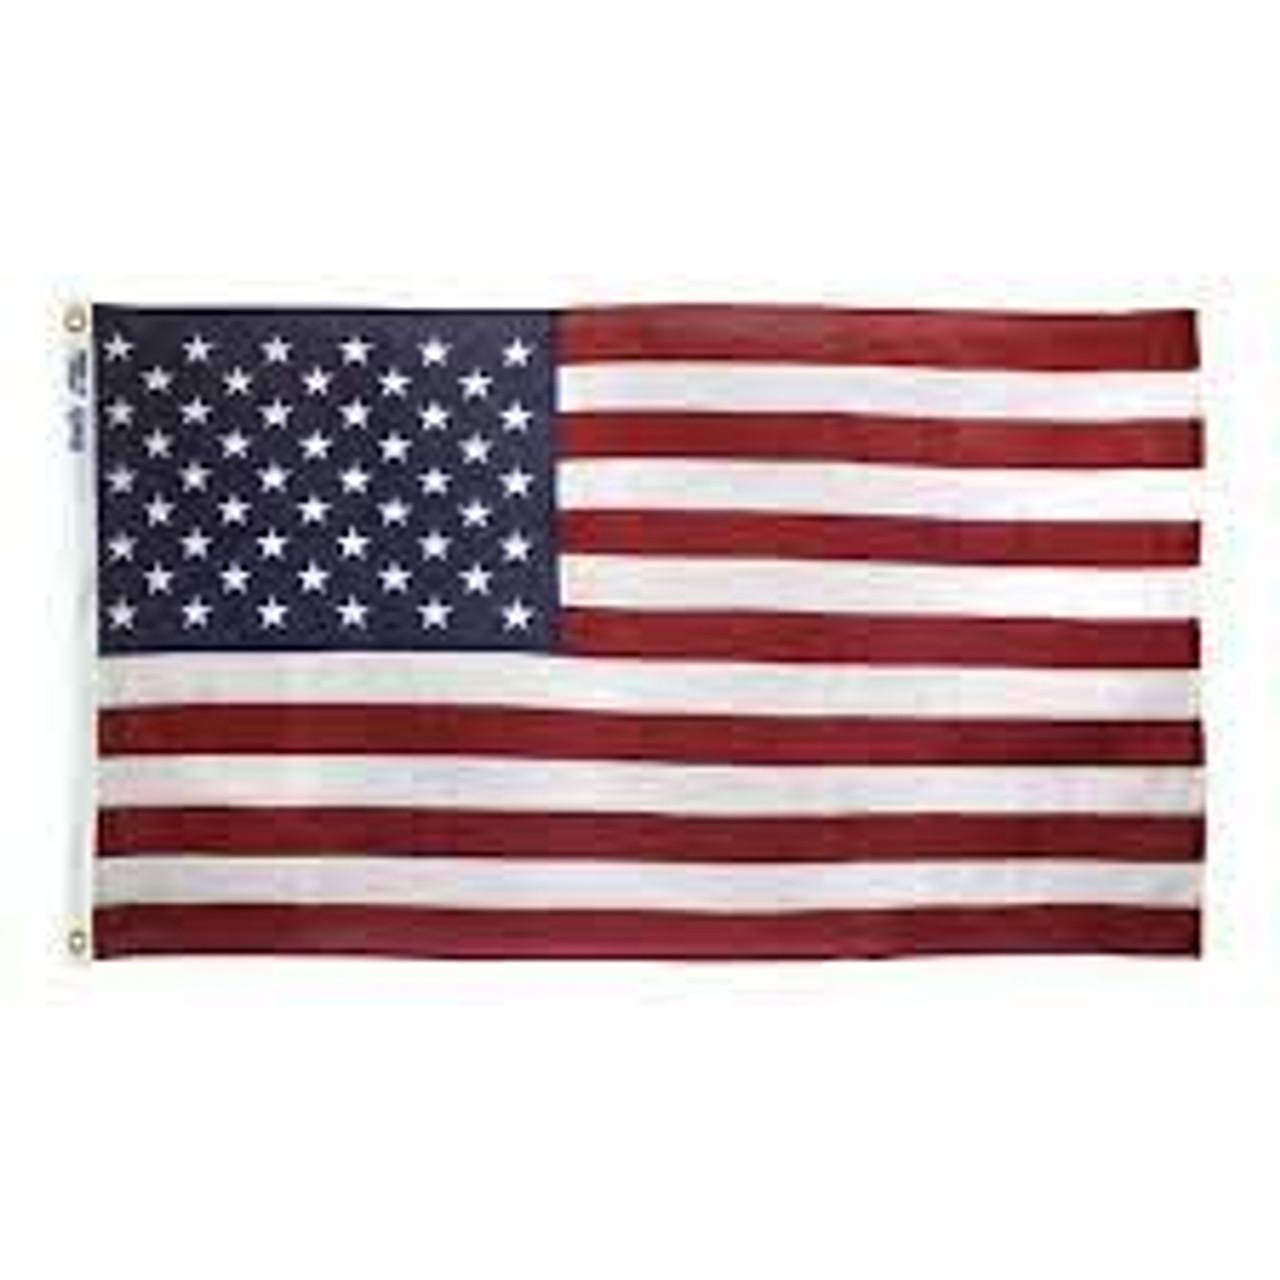 US FLAG - 4'X6' NYLON